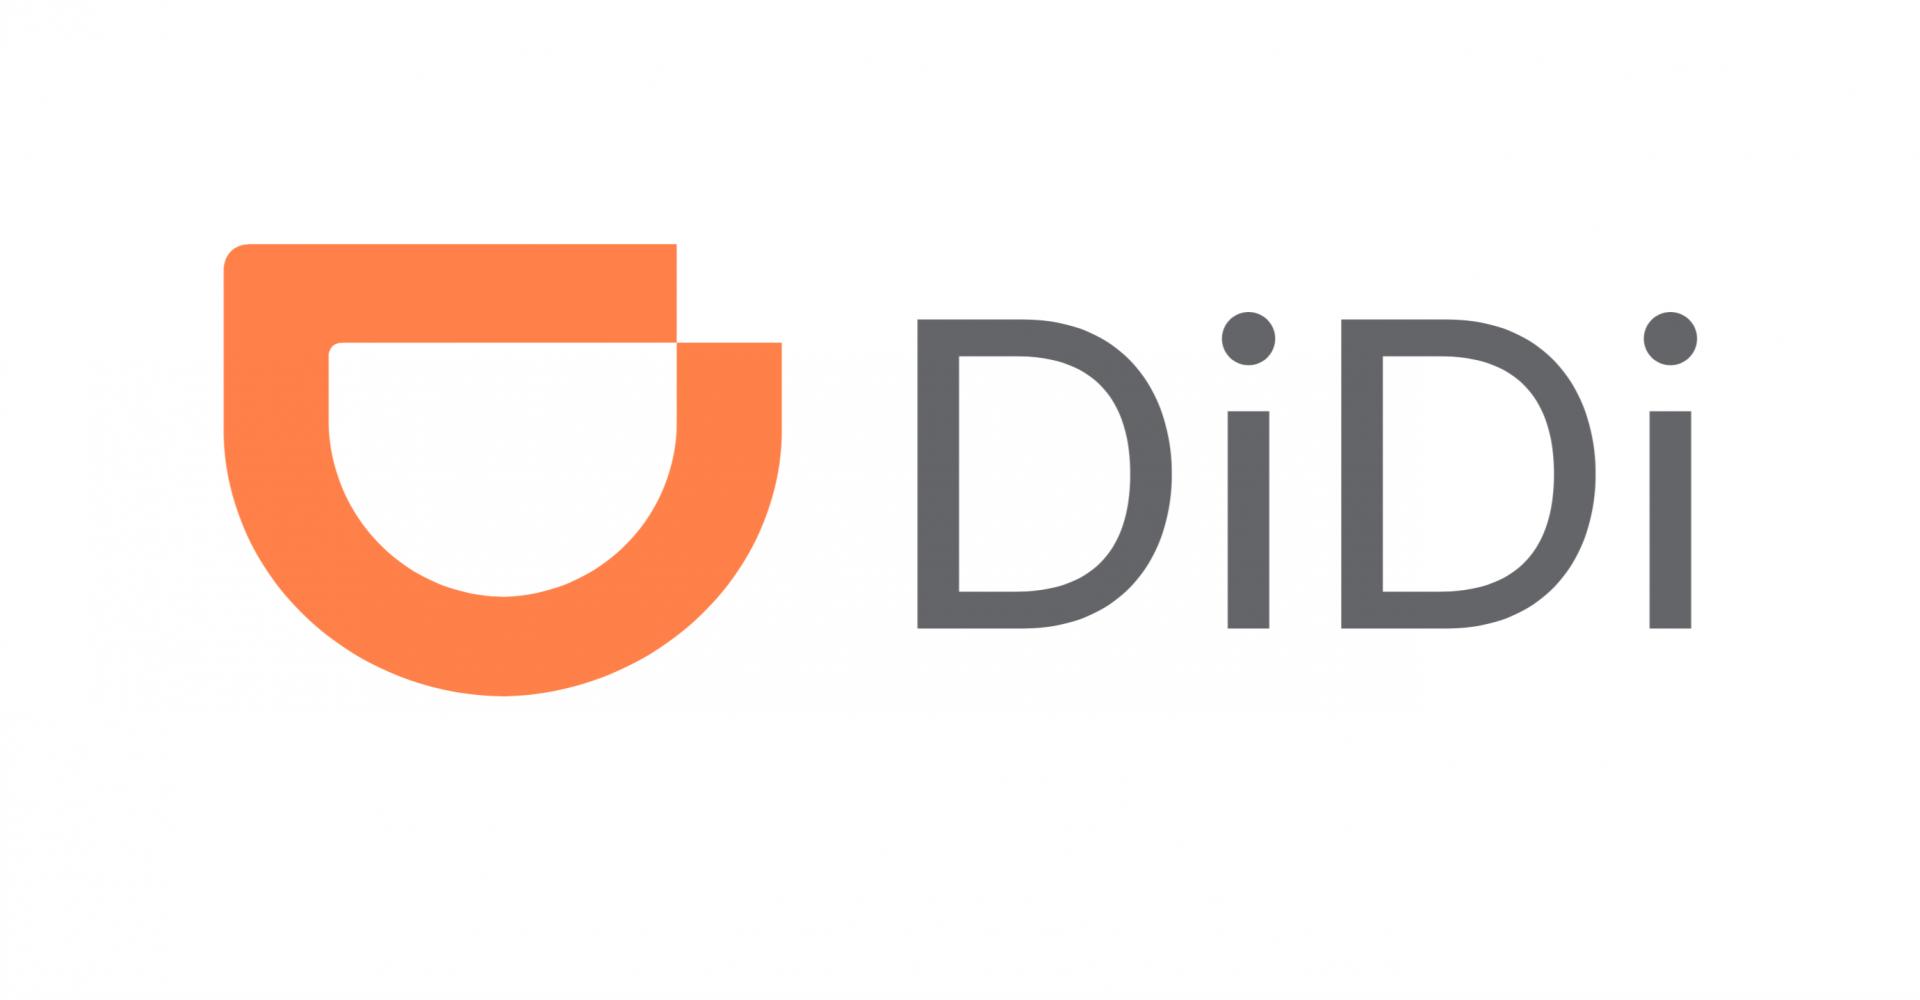 DiDiモビリティジャパン 今までにない移動体験で日本1兆6000億円のタクシー市場に挑む (CJTC2019) | 36Kr Japan |  最大級の中国テック・スタートアップ専門メディア